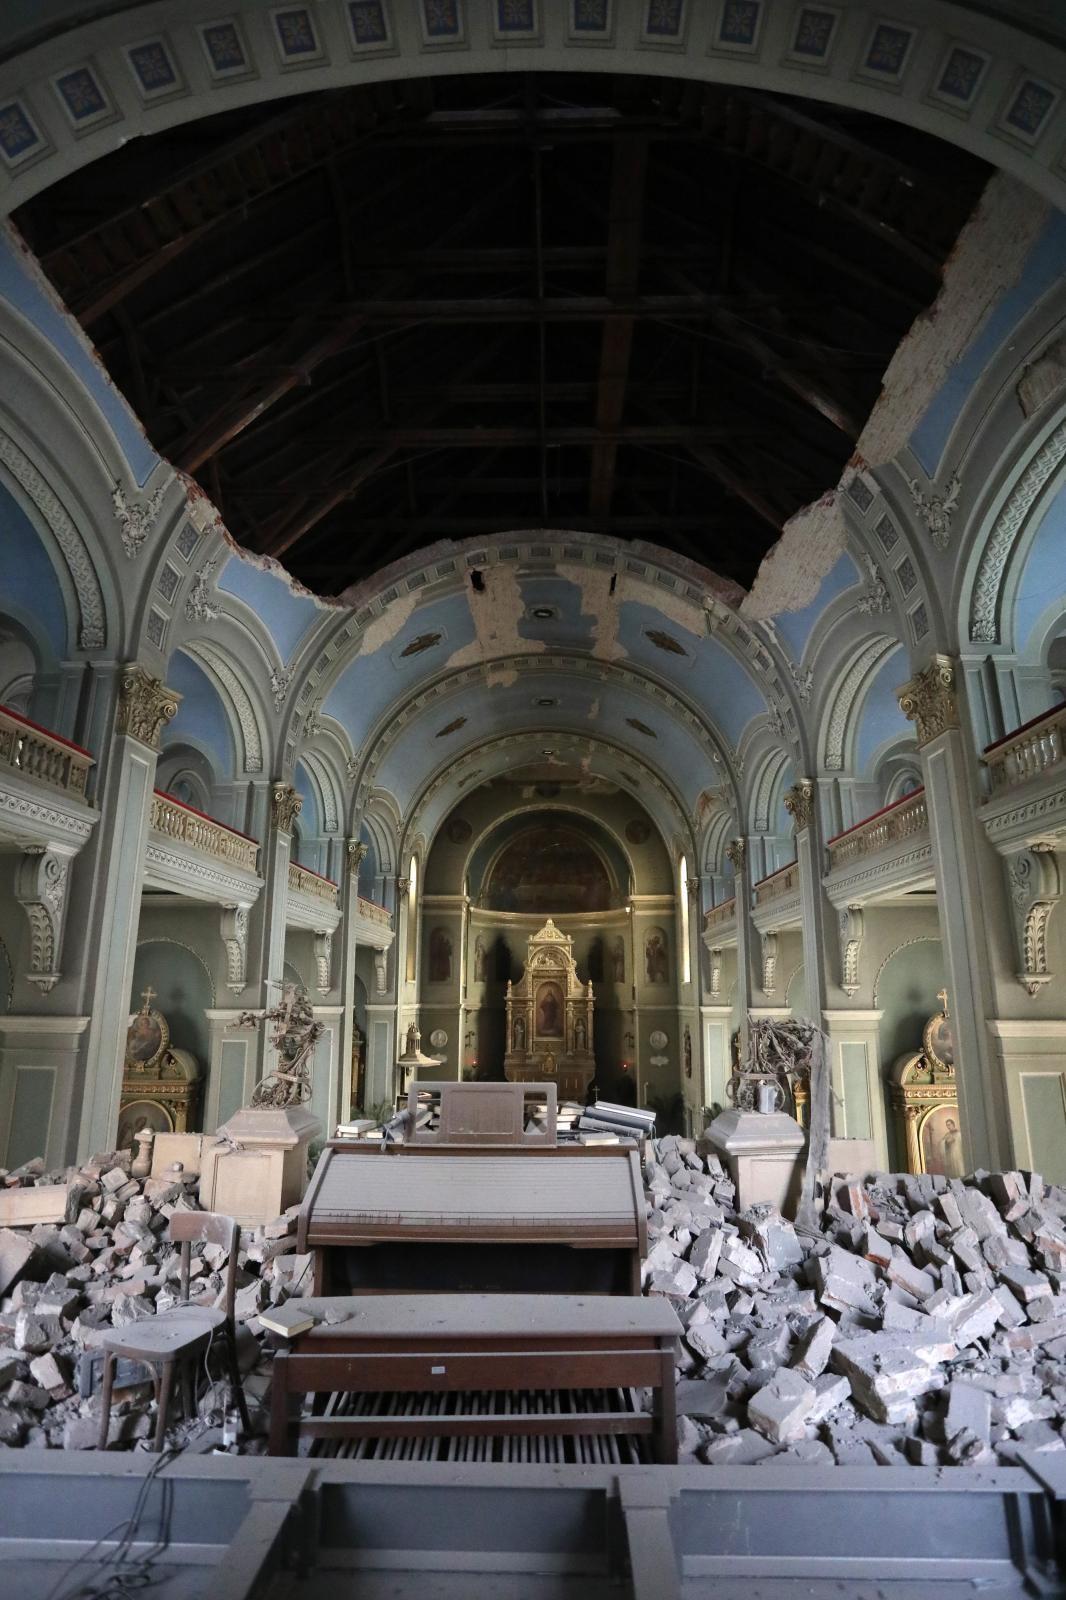 Stalno Pristizu Nove Slike Ovo Je Crkva U Palmoticevoj Dio Se